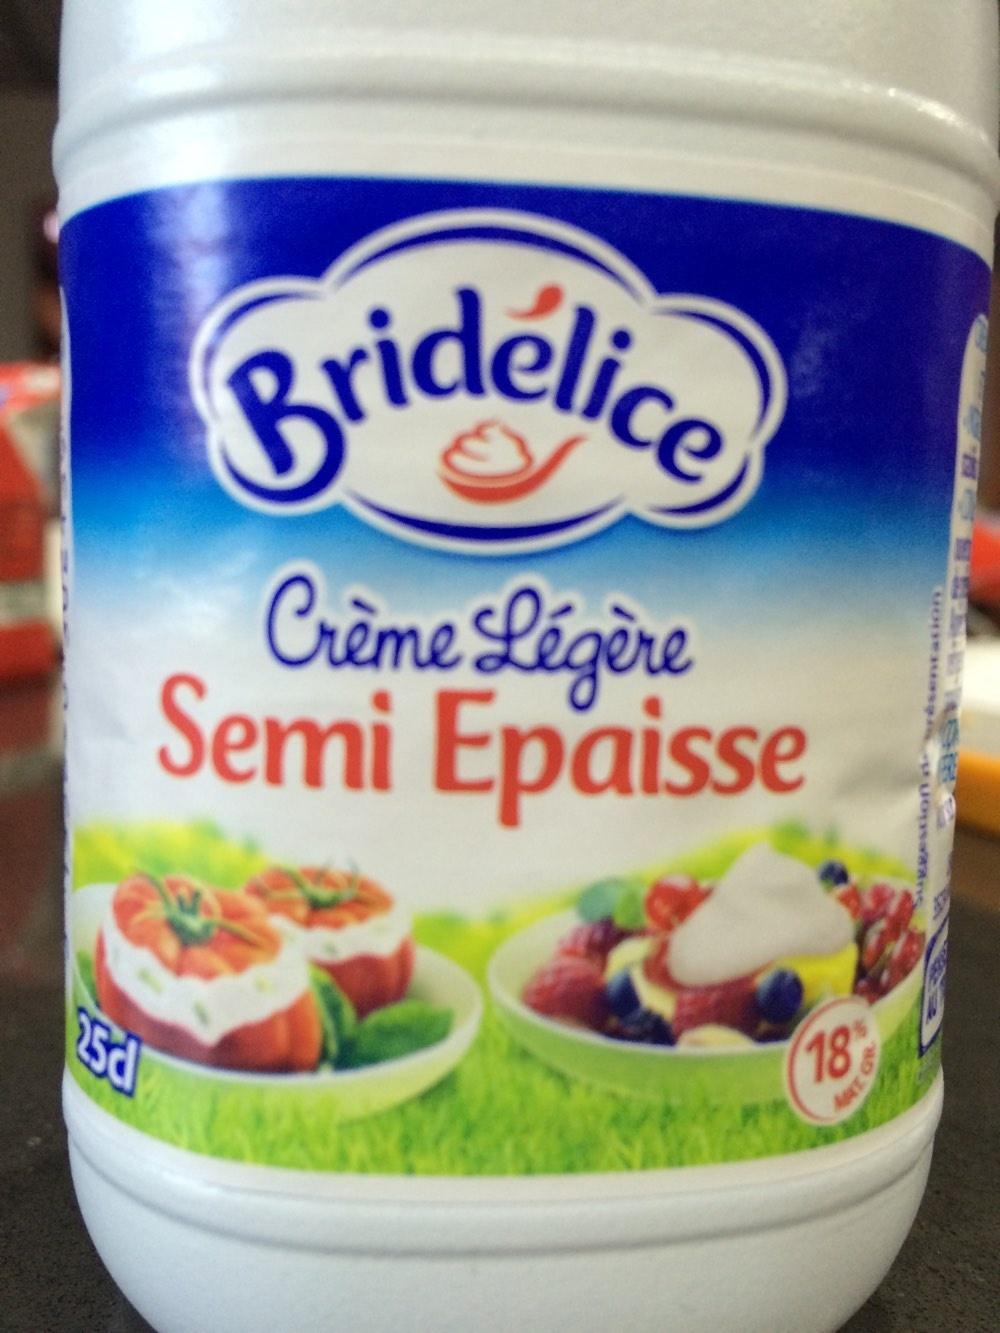 Crème Légère Semi Epaisse - Product